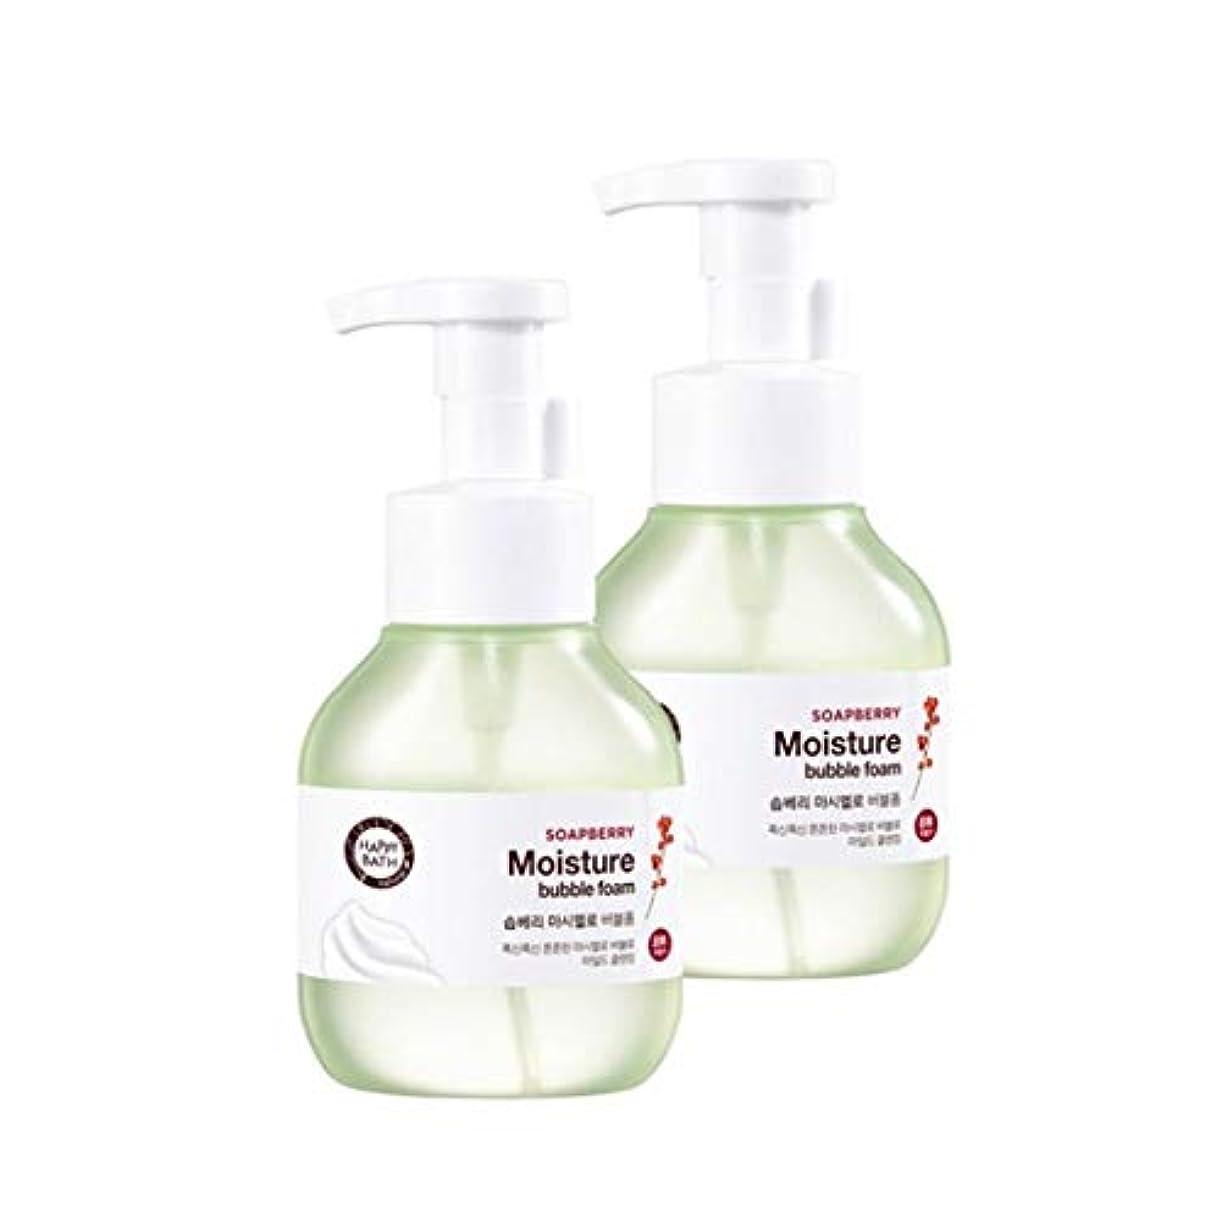 採用する弱いブーストハッピーバスソープベリーマシュマロバブルフォーム300mlx2本セット韓国コスメ、Happy Bath Soapberry Moisture Bubble Foam 300ml x 2ea Set Korean Cosmetics...